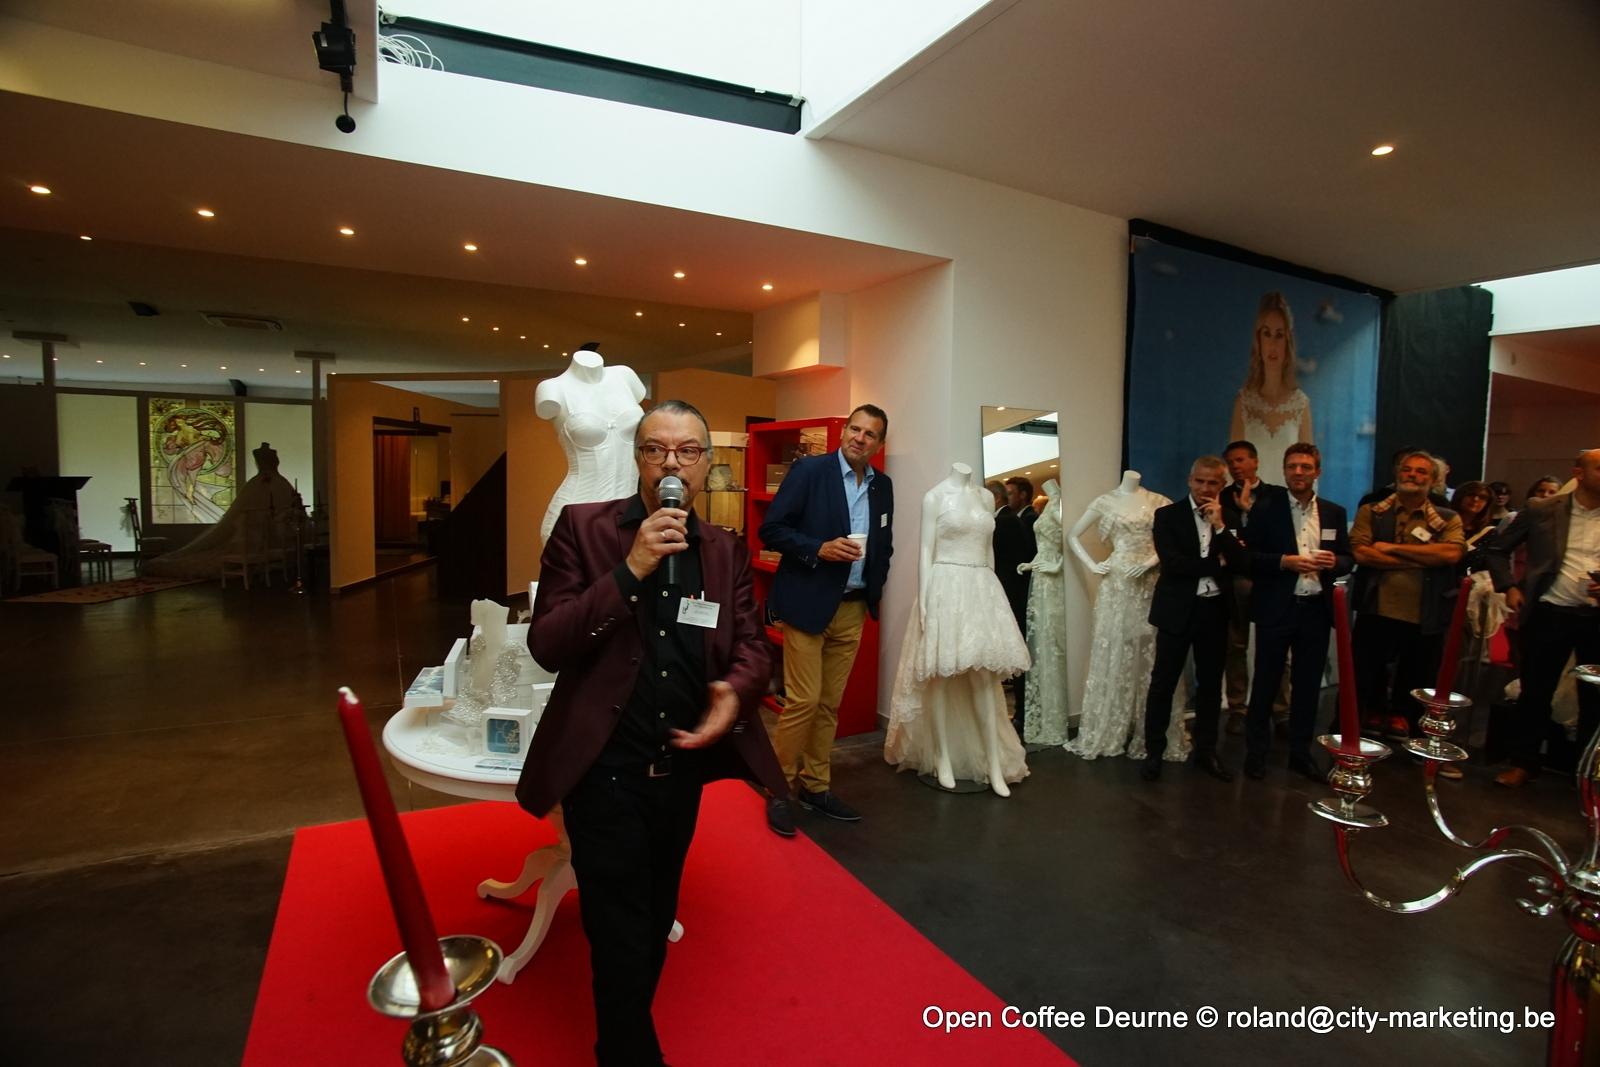 Wedding Chapel Bruidsparadijs Netwerkevent Open Coffee